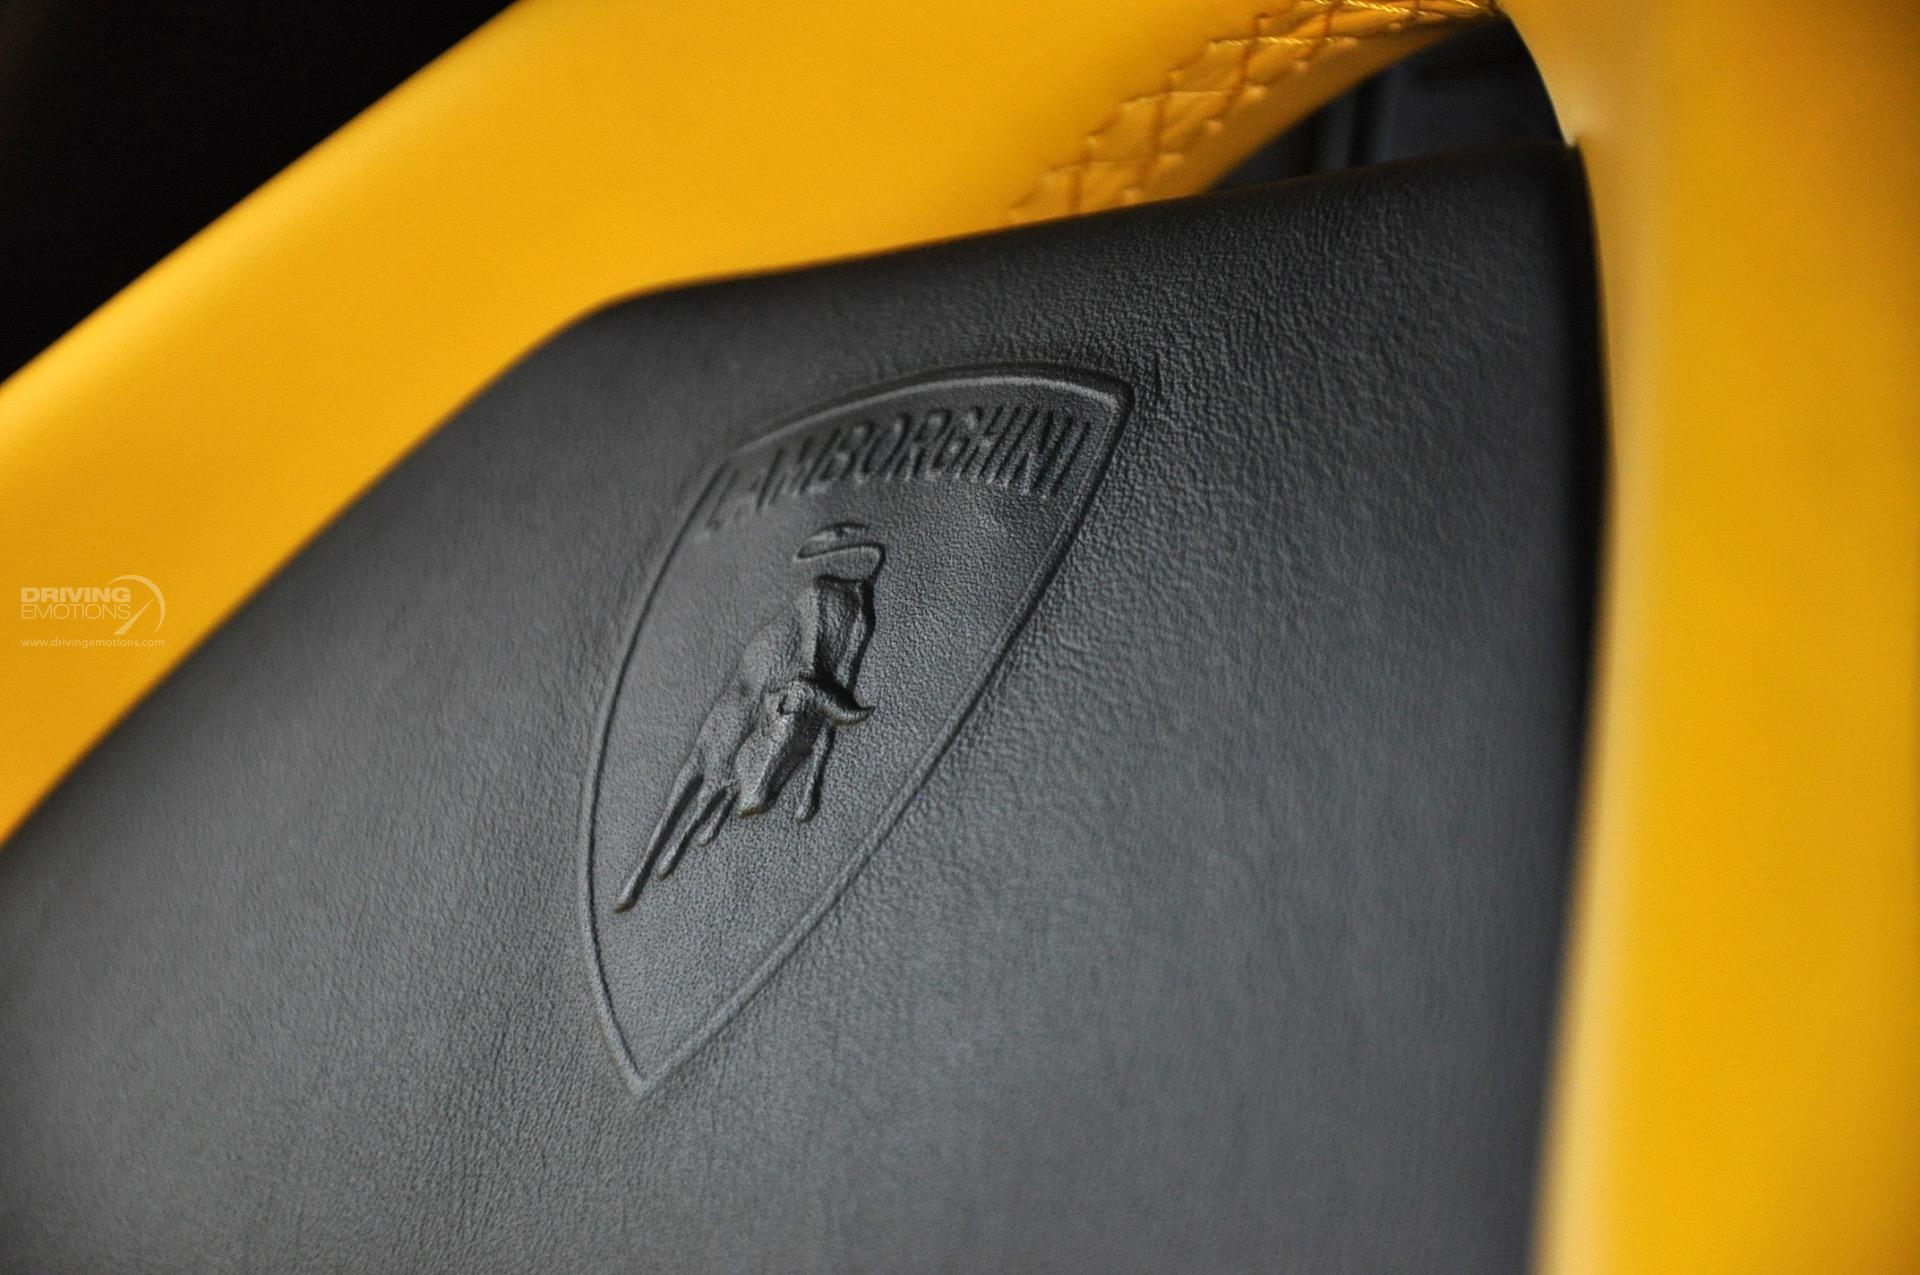 2009 Lamborghini Murcielago LP640 Coupe 2-Door: 2009 LAMBORGHINI MURCIELAGO LP640! BLACK/YELLOW! CARBON! Q-CITURA! E-GEAR! RARE!